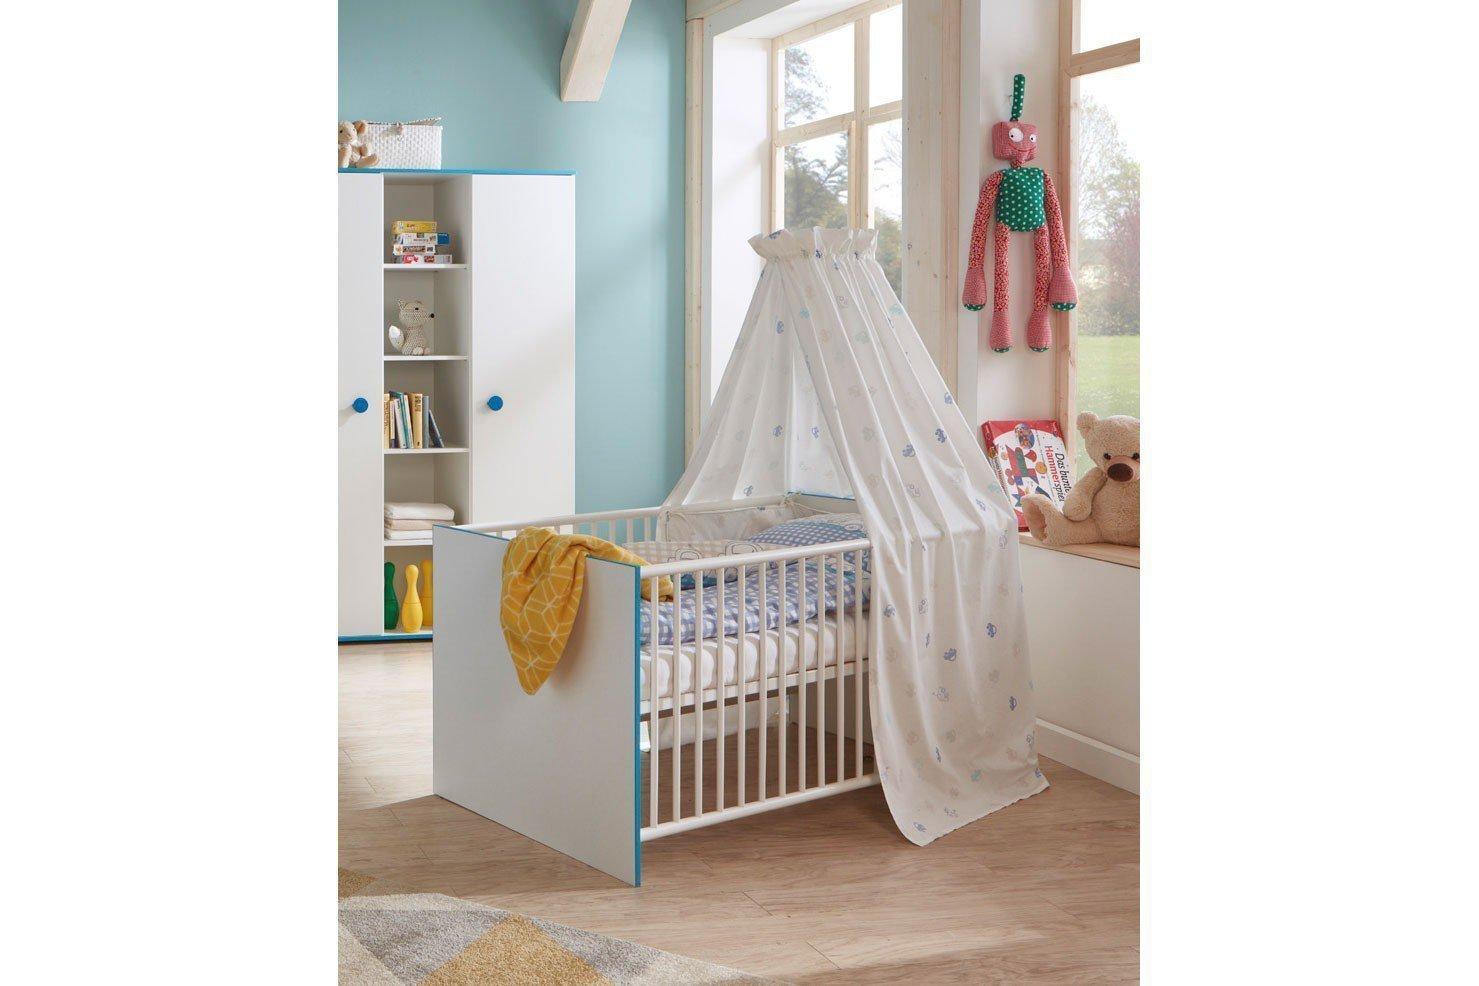 Arthur berndt moritz babybett wei 70 x 140 cm m bel letz ihr online shop - Arthur berndt babyzimmer ...